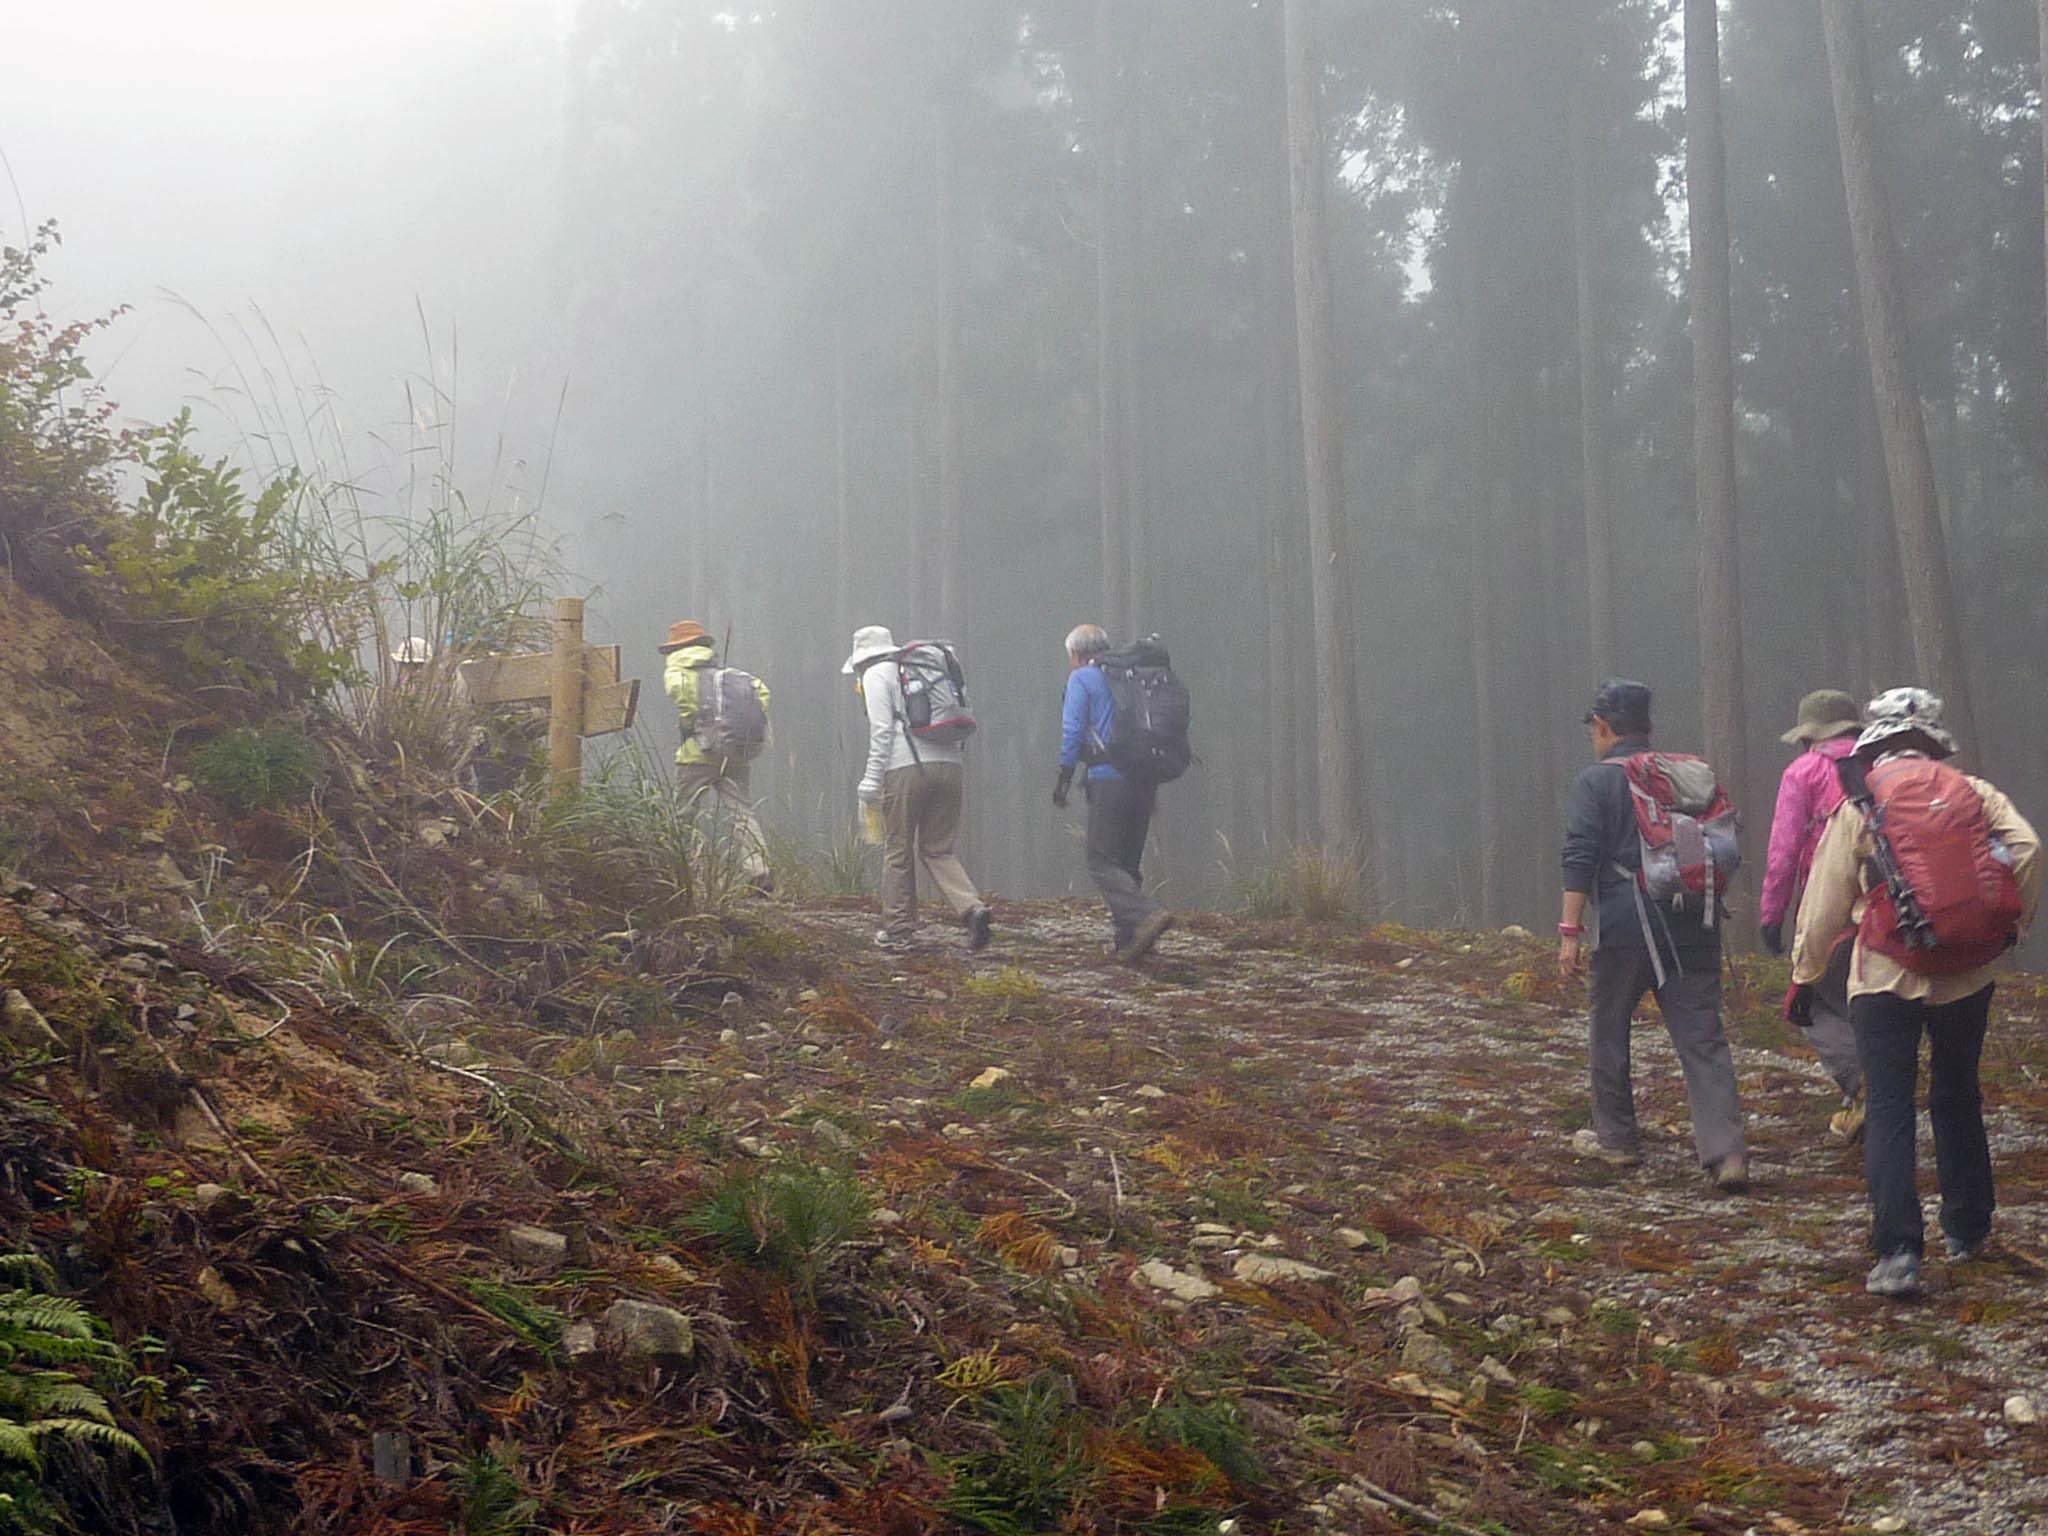 砥峰高原 ススキの高原とリラクシアの森を歩こう_c0218841_13355064.jpg